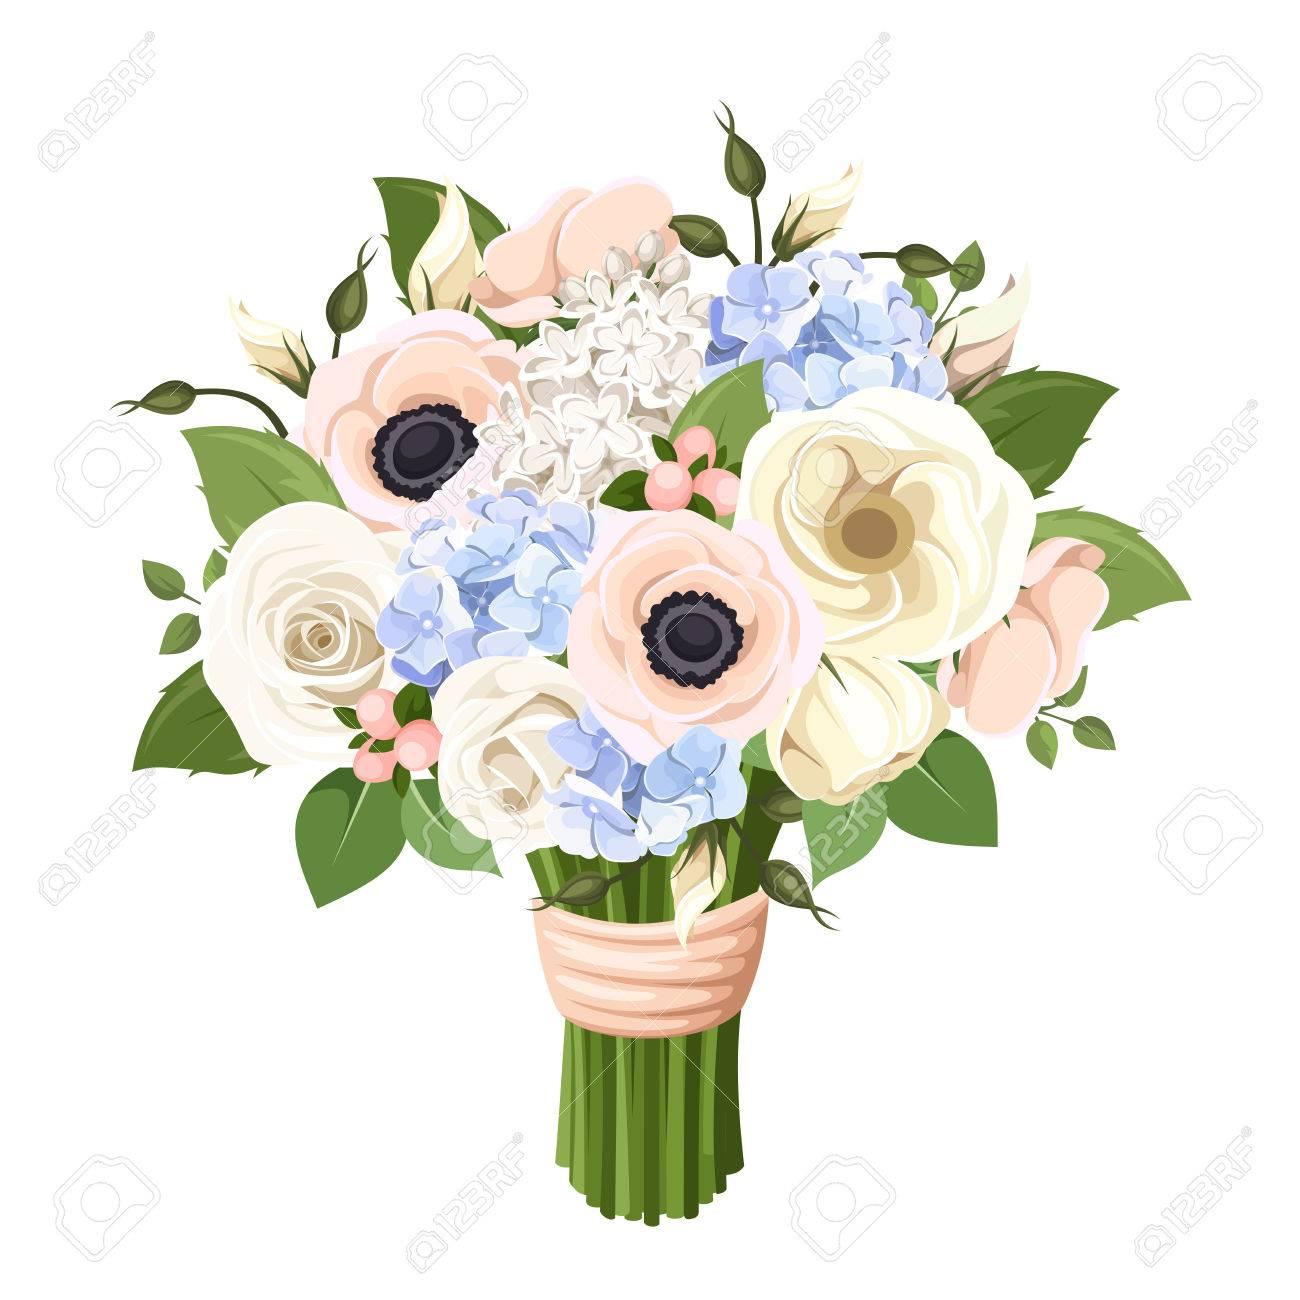 Bouquet de roses, lisianthus, des anémones et des fleurs d\u0027hortensia. Vector